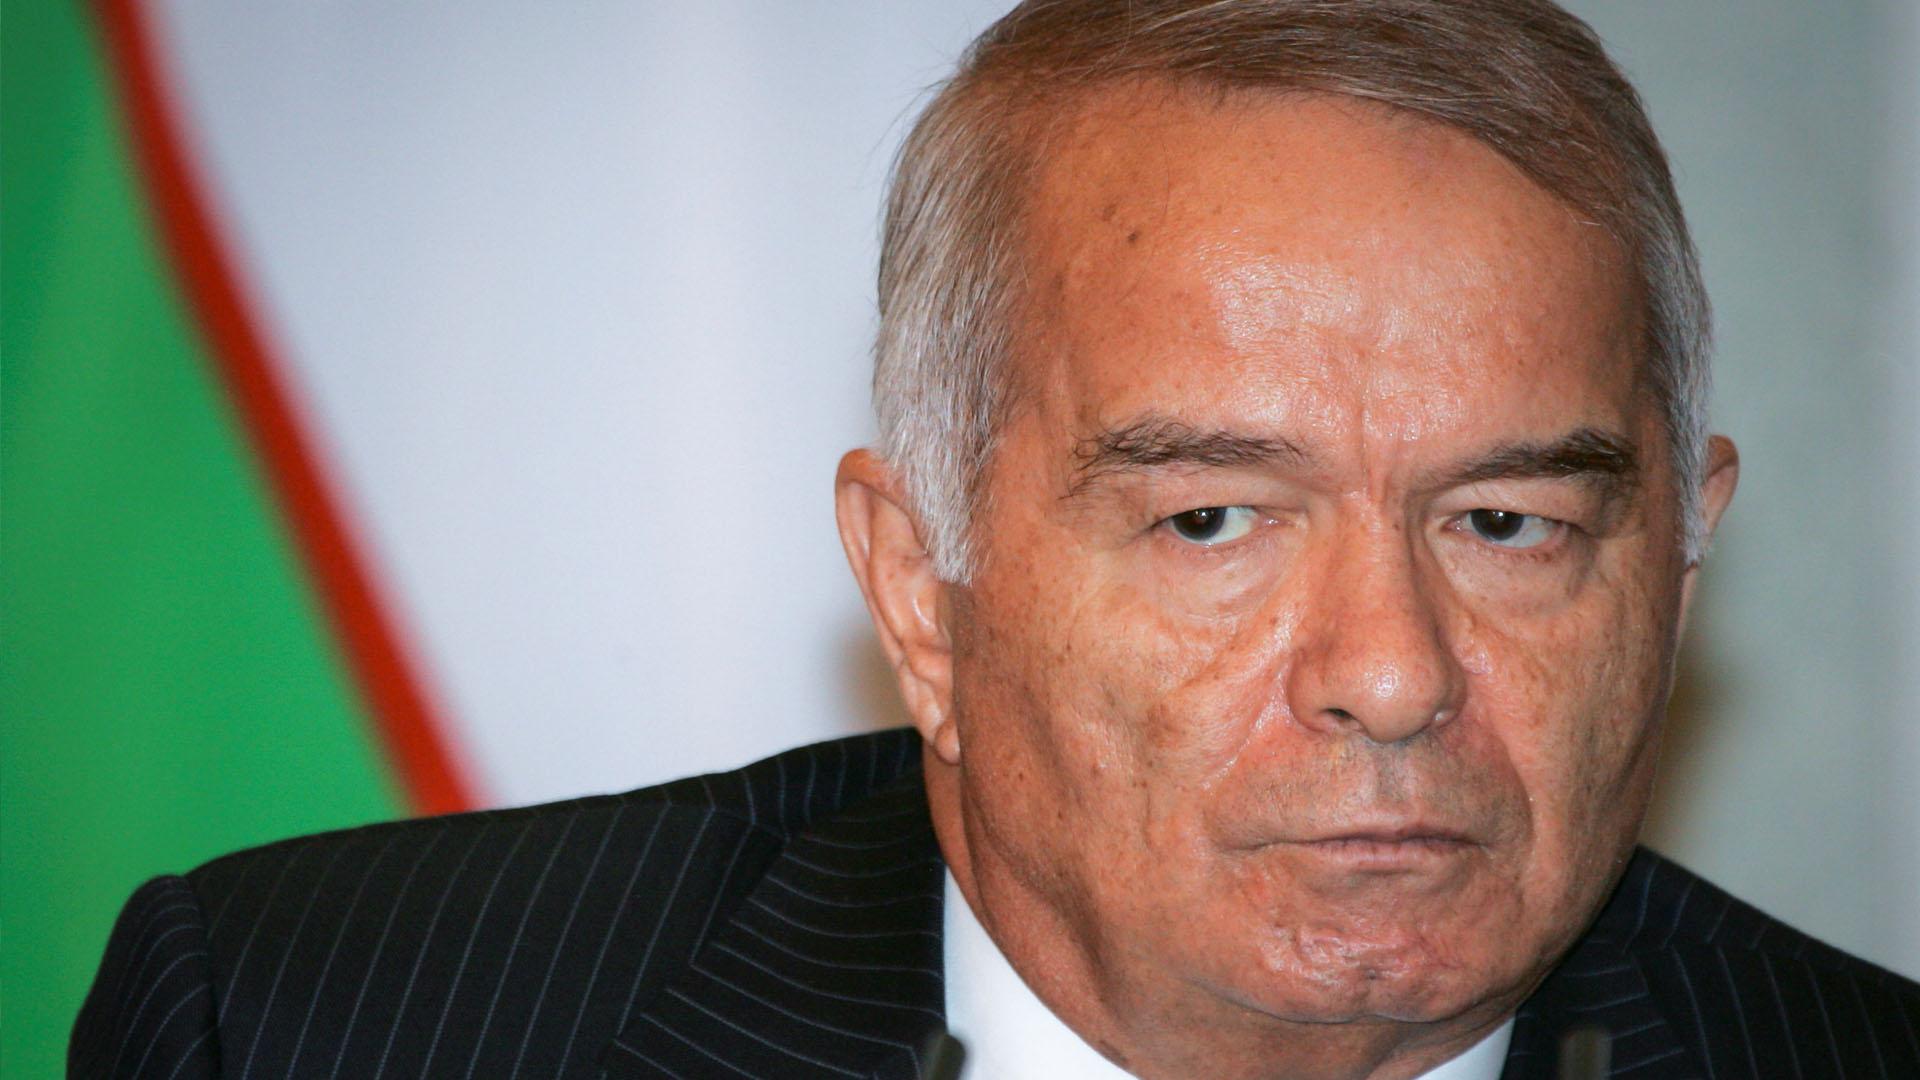 El mandatario, Islam Karimov, murió a los 78 años luego de un derrame cerebral que sufrió el sábado